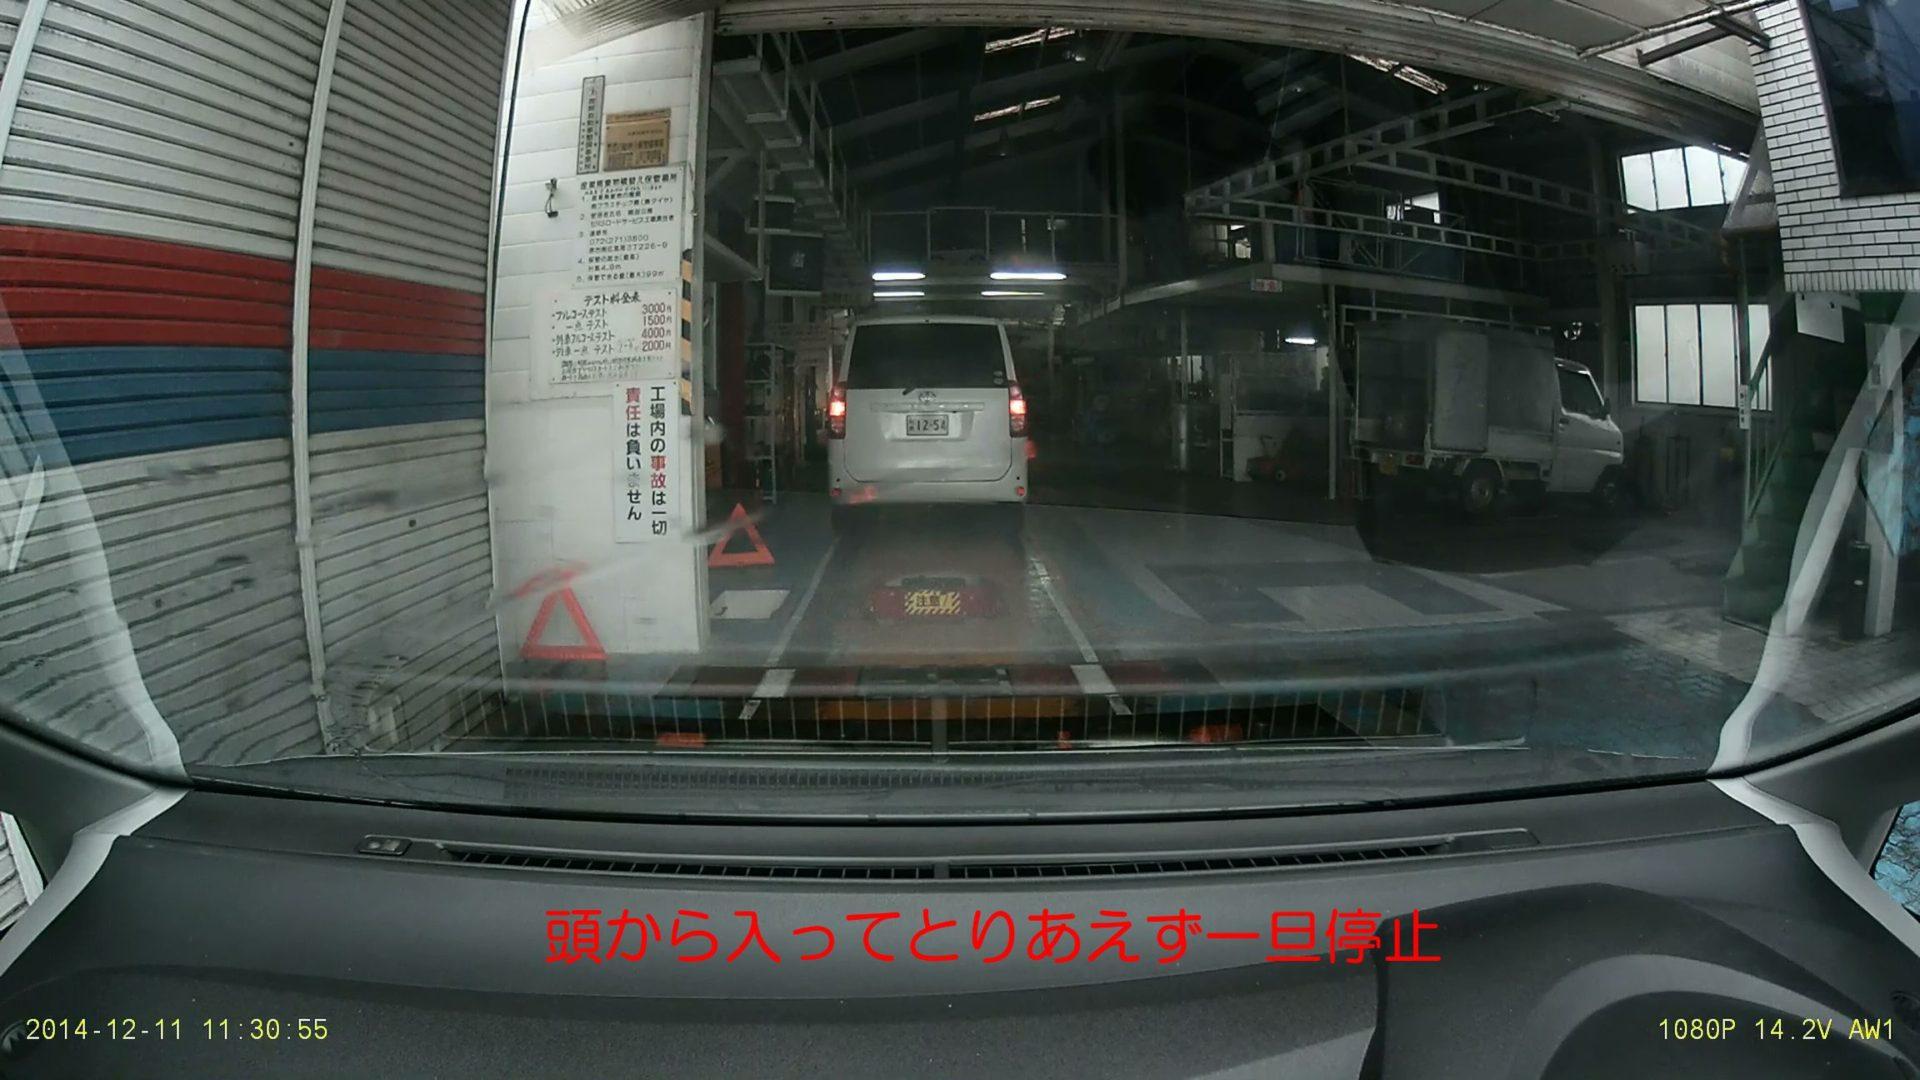 SRSロードサービスへ入って順番待ちの為、エンジンを掛けたまま一旦停止